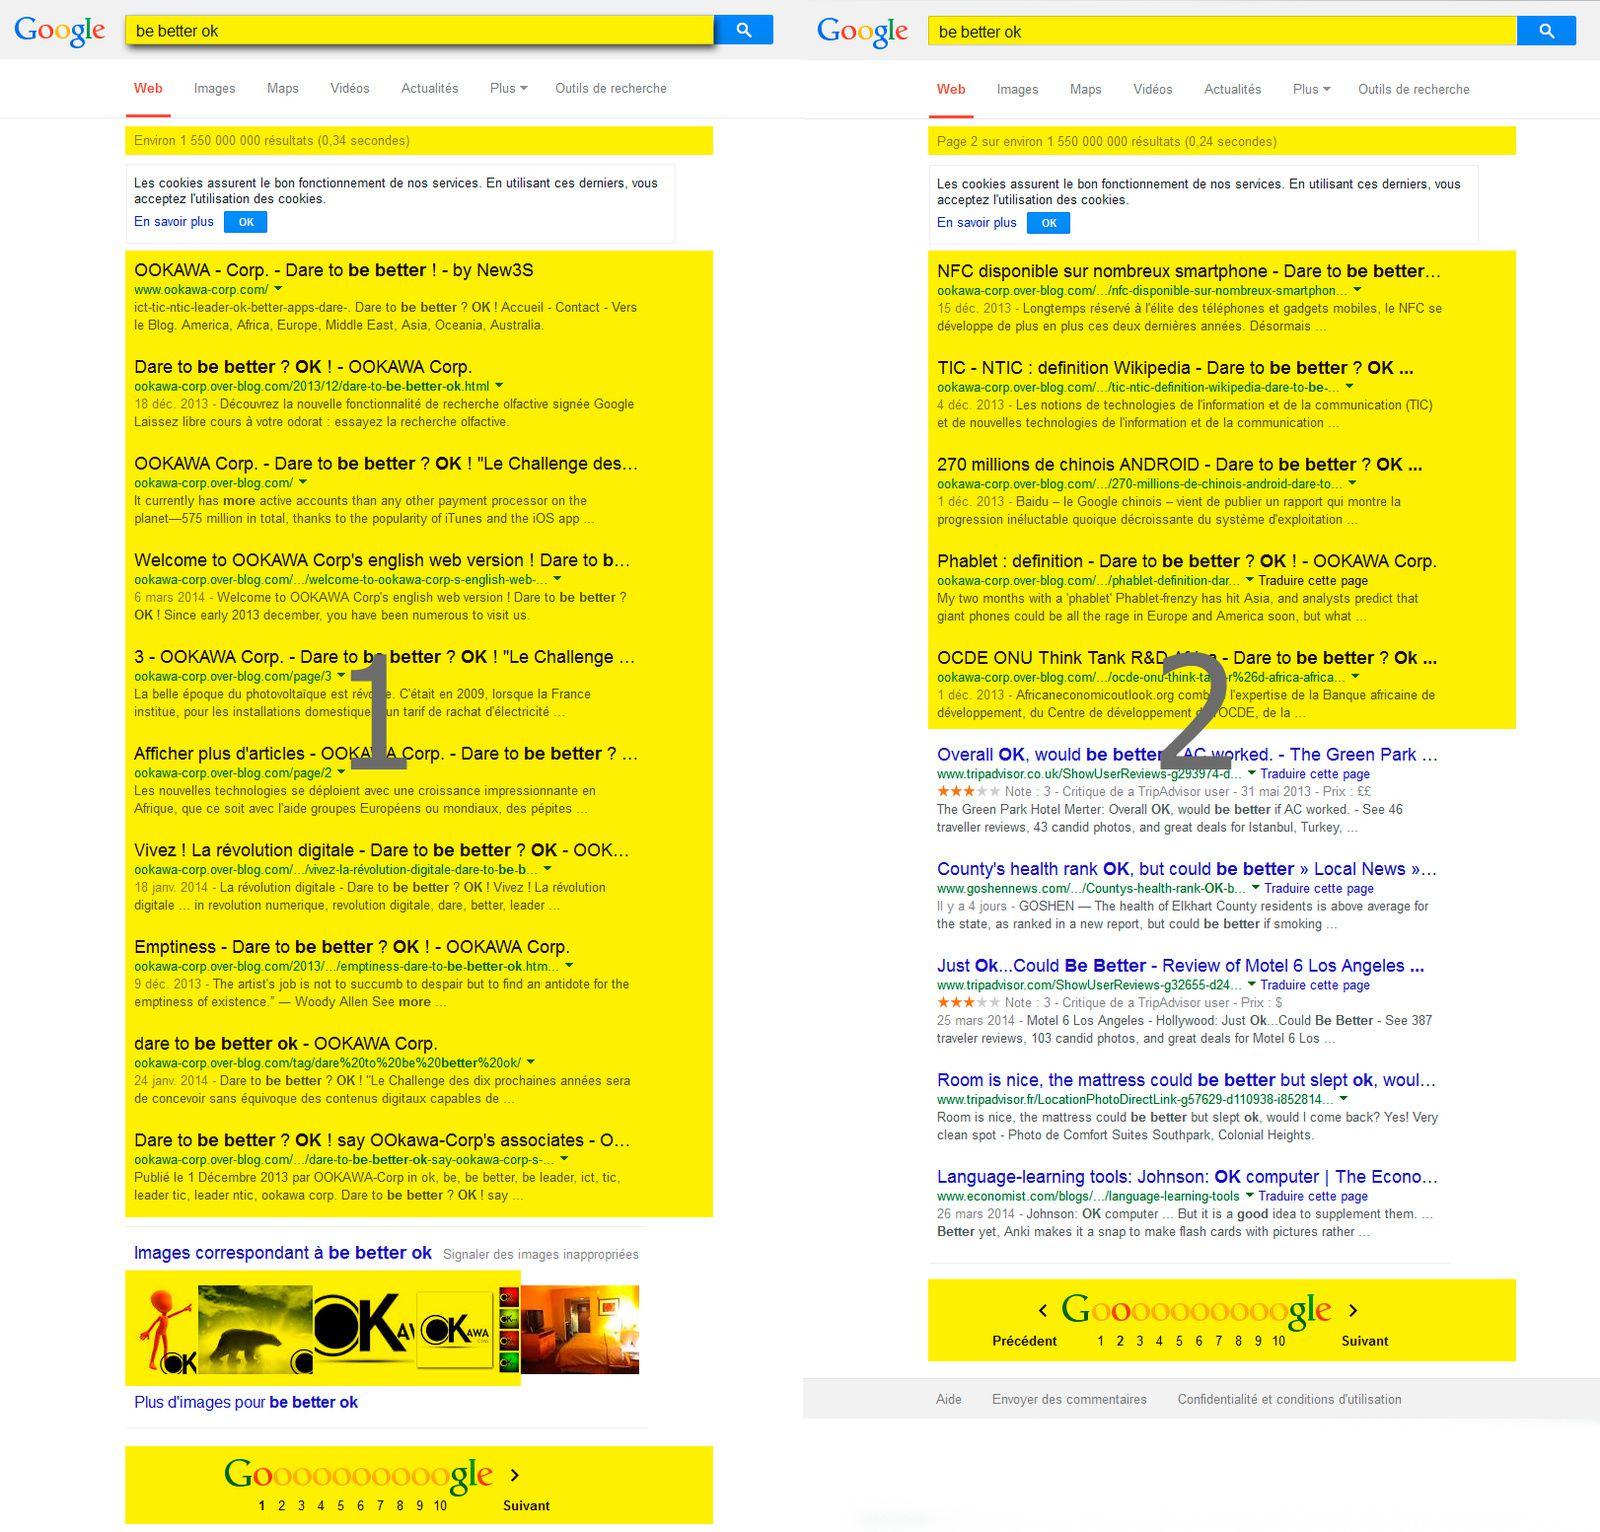 """Exemple de résultat de la présence des articles OOKAWA CORP par recherche de mot-clé dans le moteur de recherche GOOGLE - expression recherchée """"be better ok"""" : résultats 100% de la 1ere page occupée par OOKAWA-CORP et 40% de la page 2 ... devant le fameux TRIP ADVISOR  qui référence des millions de chambres d'hôtel et de lieux avec la formule """"could be better ! Ok !"""""""